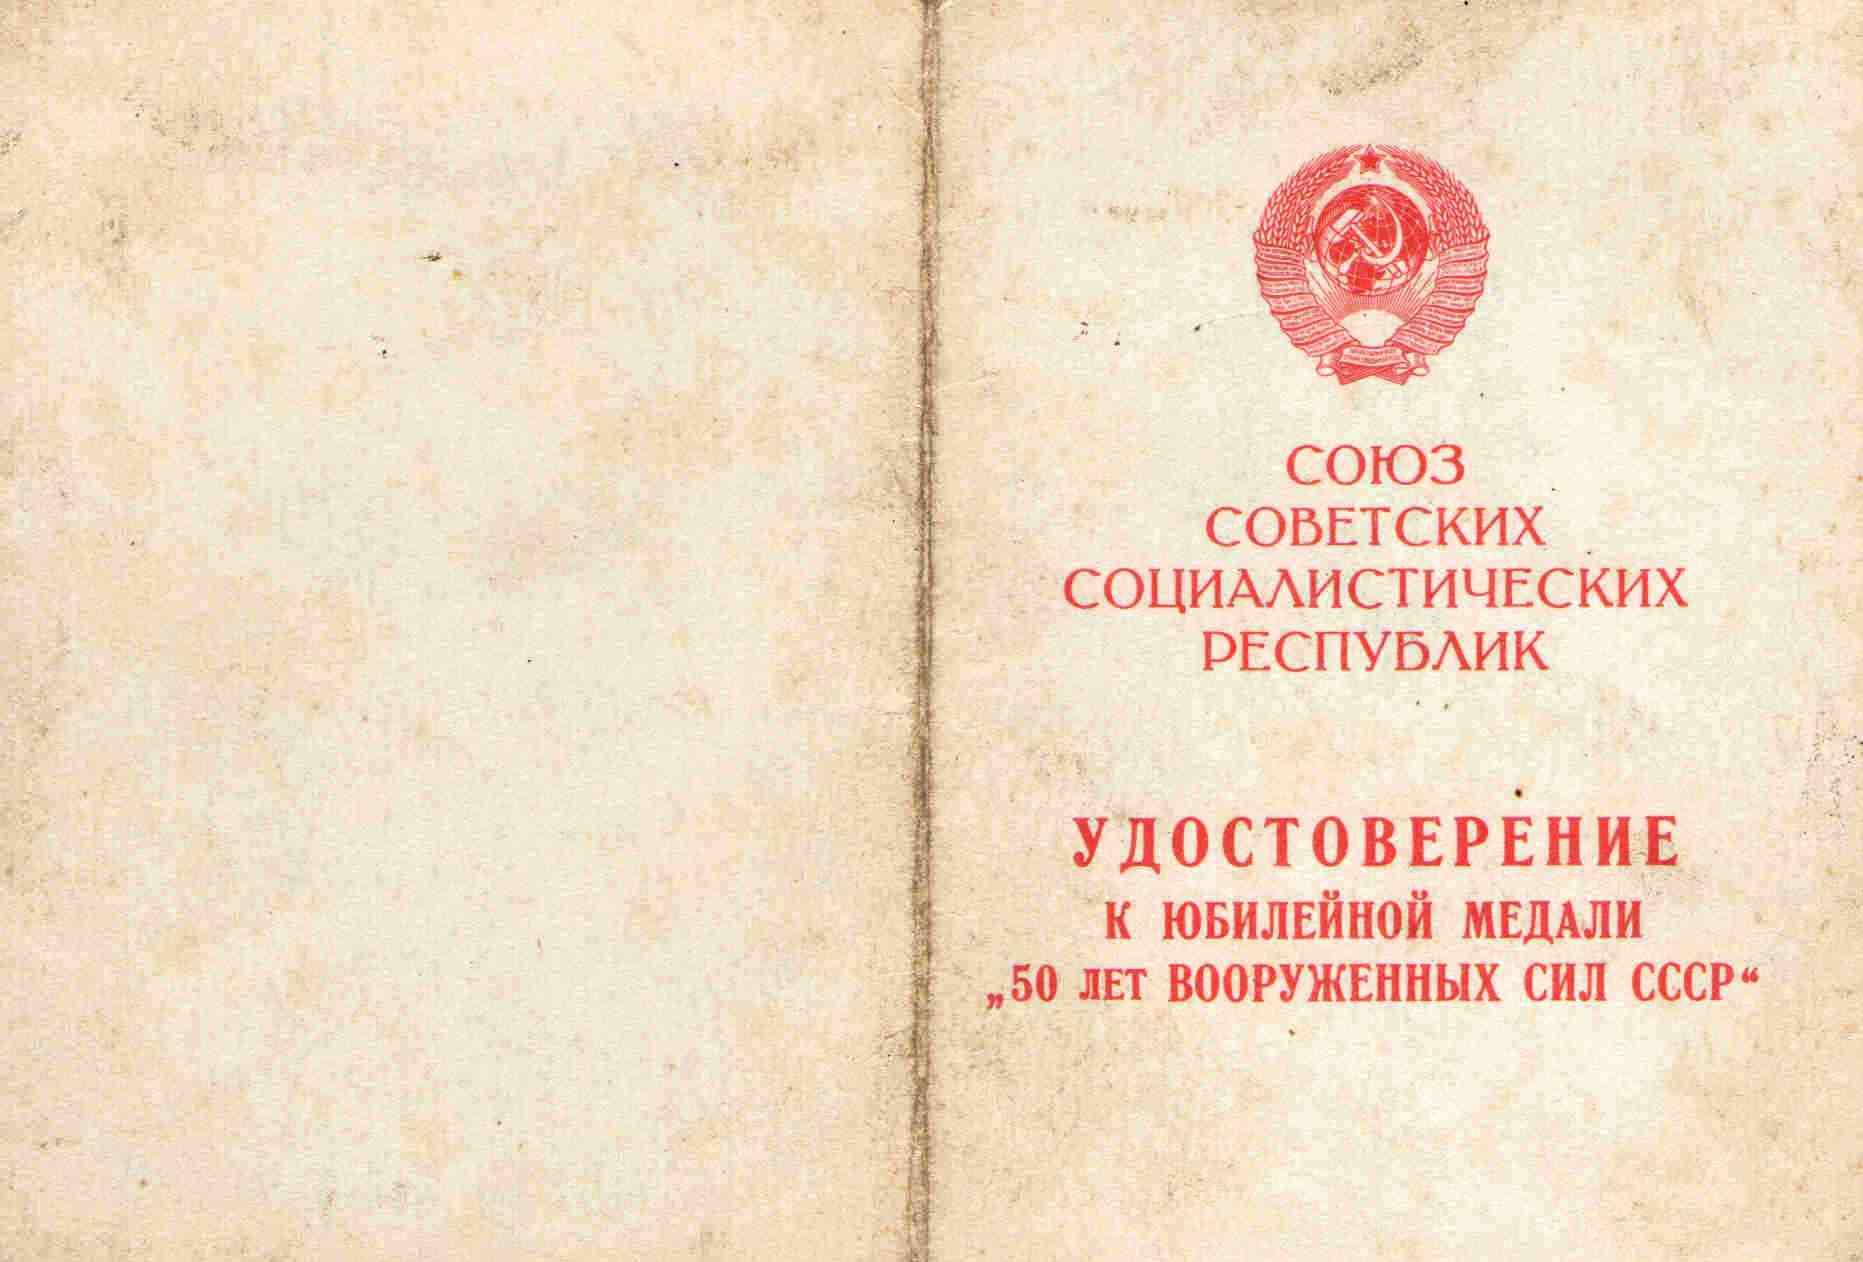 59. Удостоверение к медали 50 лет Вооруженных Сил, Барыкин ПП, 1969